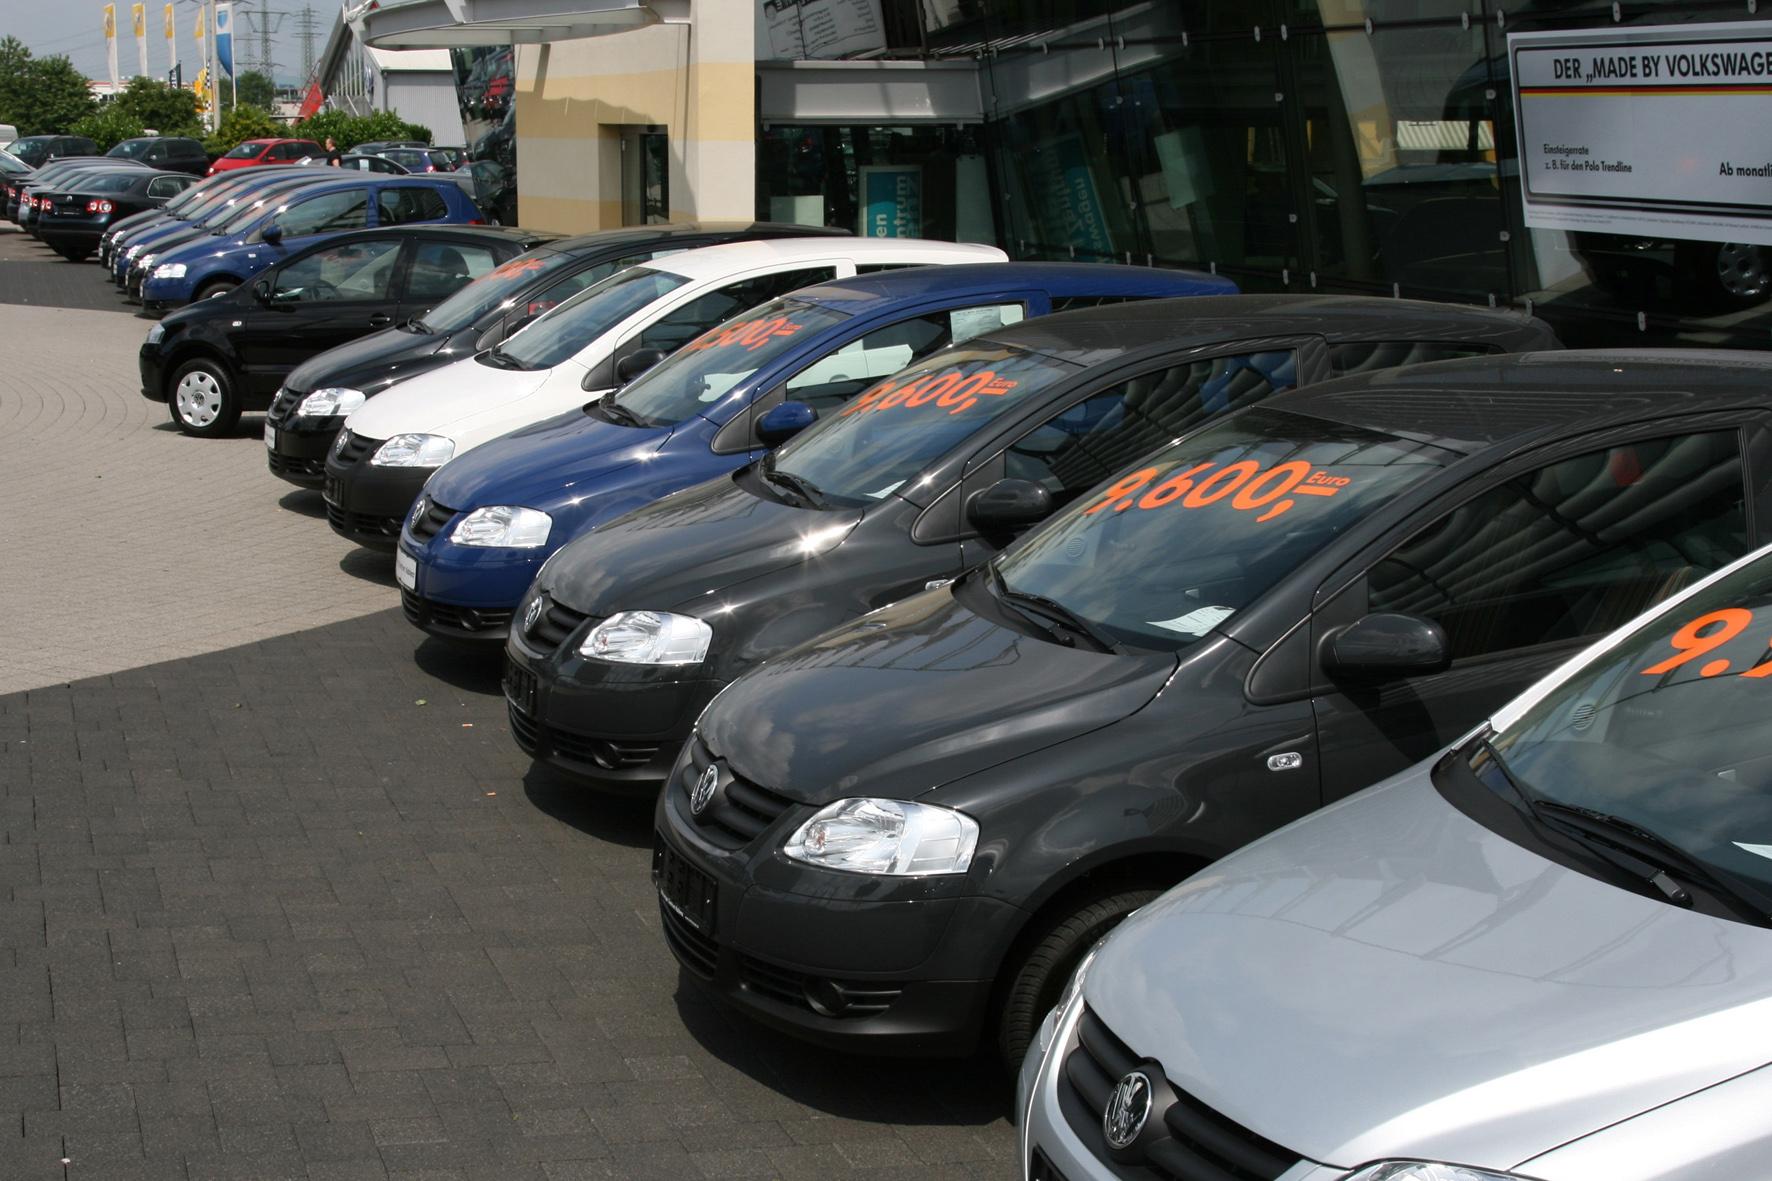 Autohandel: Der Trick mit den Eigenzulassungen